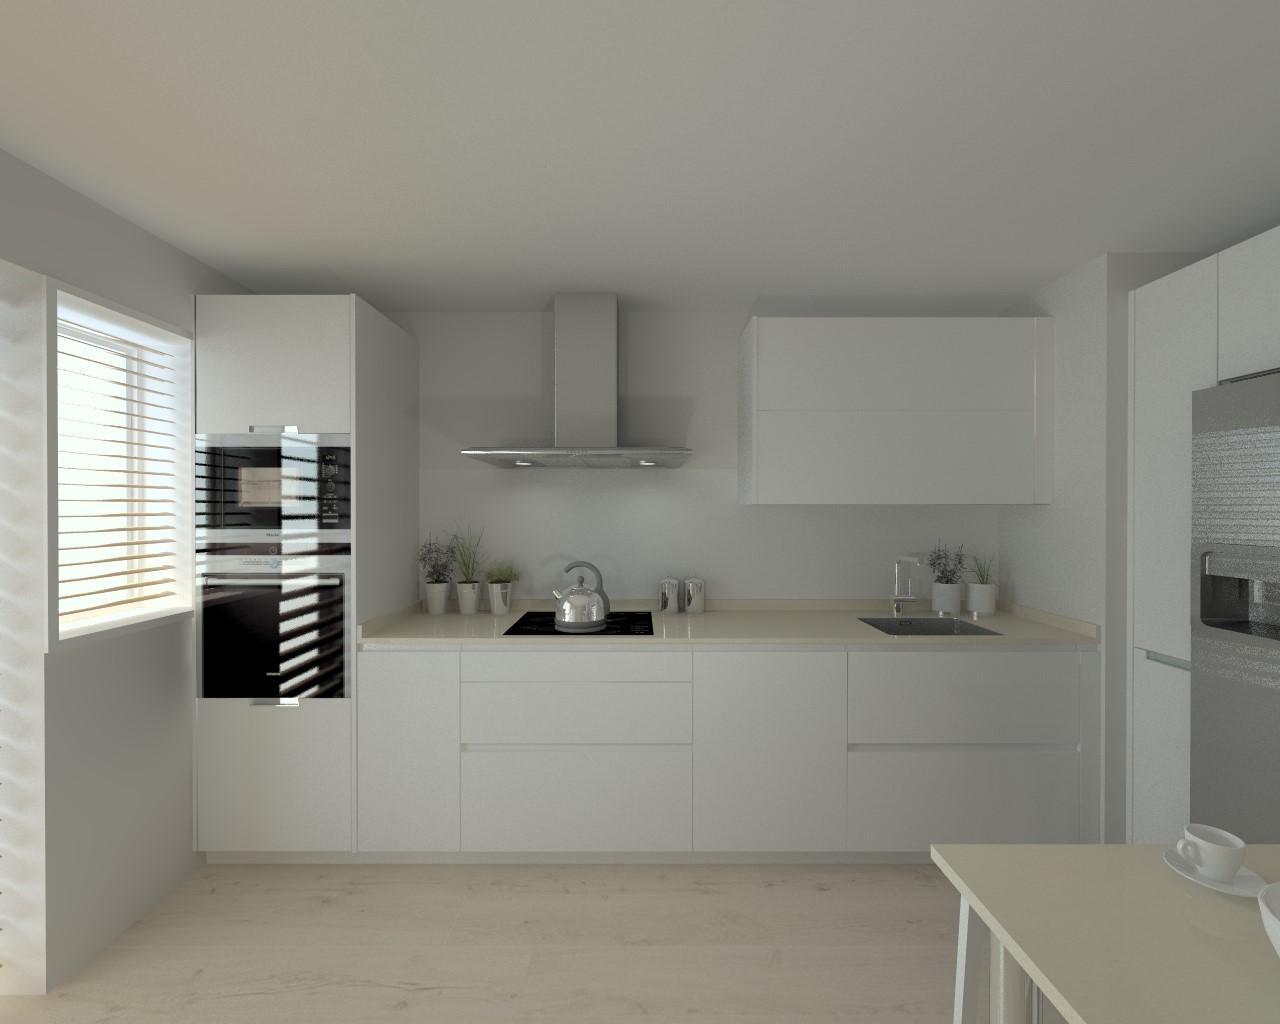 Cocina santos modelo line laminado seda blanco encimera for Modelos de cocinas en u